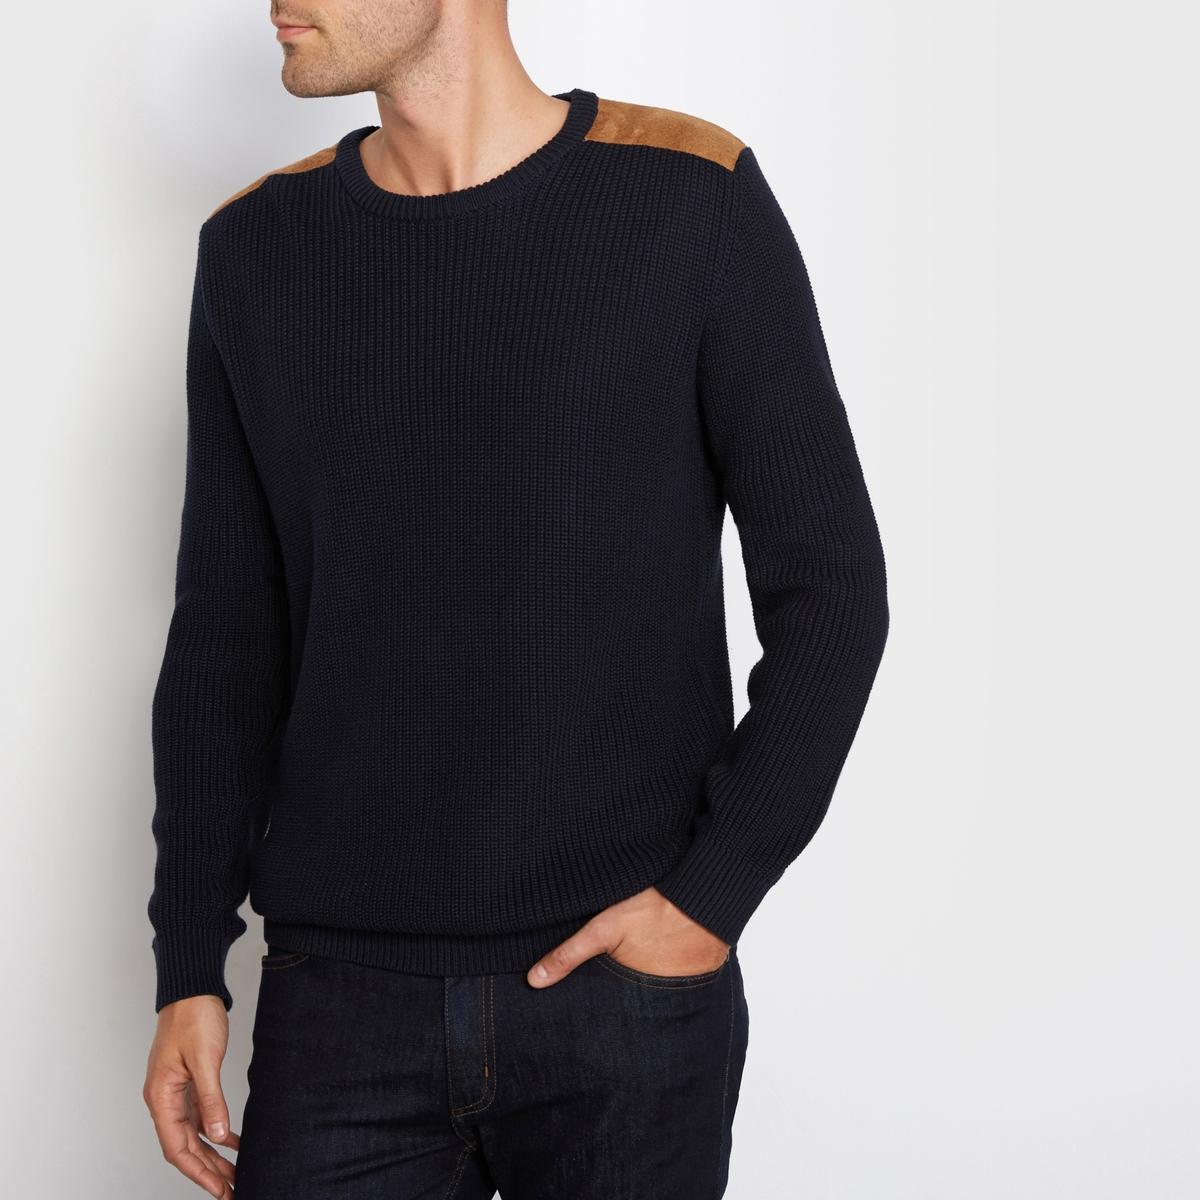 Пуловер из хлопка в рубчик, высокий воротник, вставки на плечах